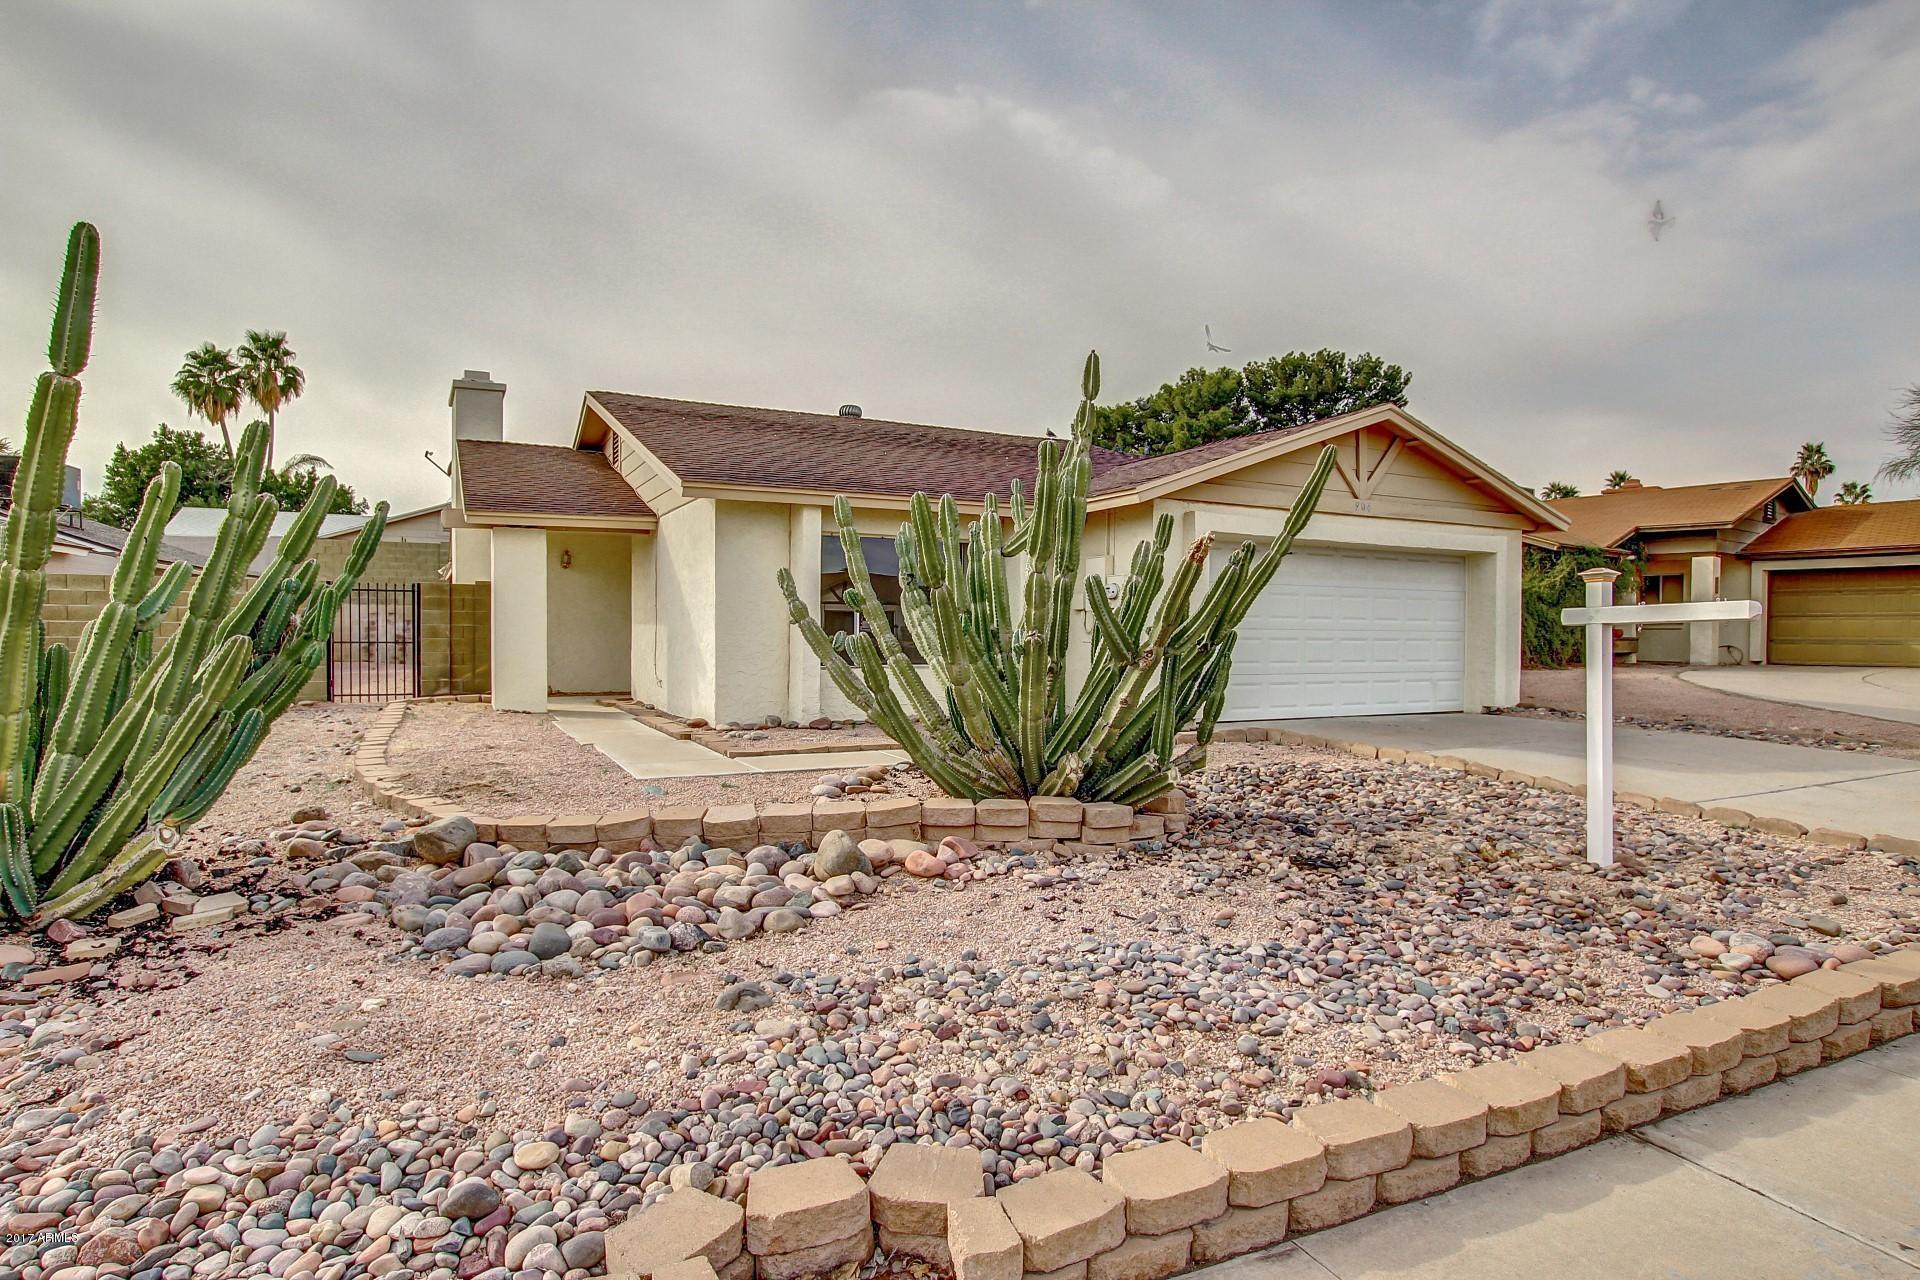 904 N 85th  Place Scottsdale, AZ 85257